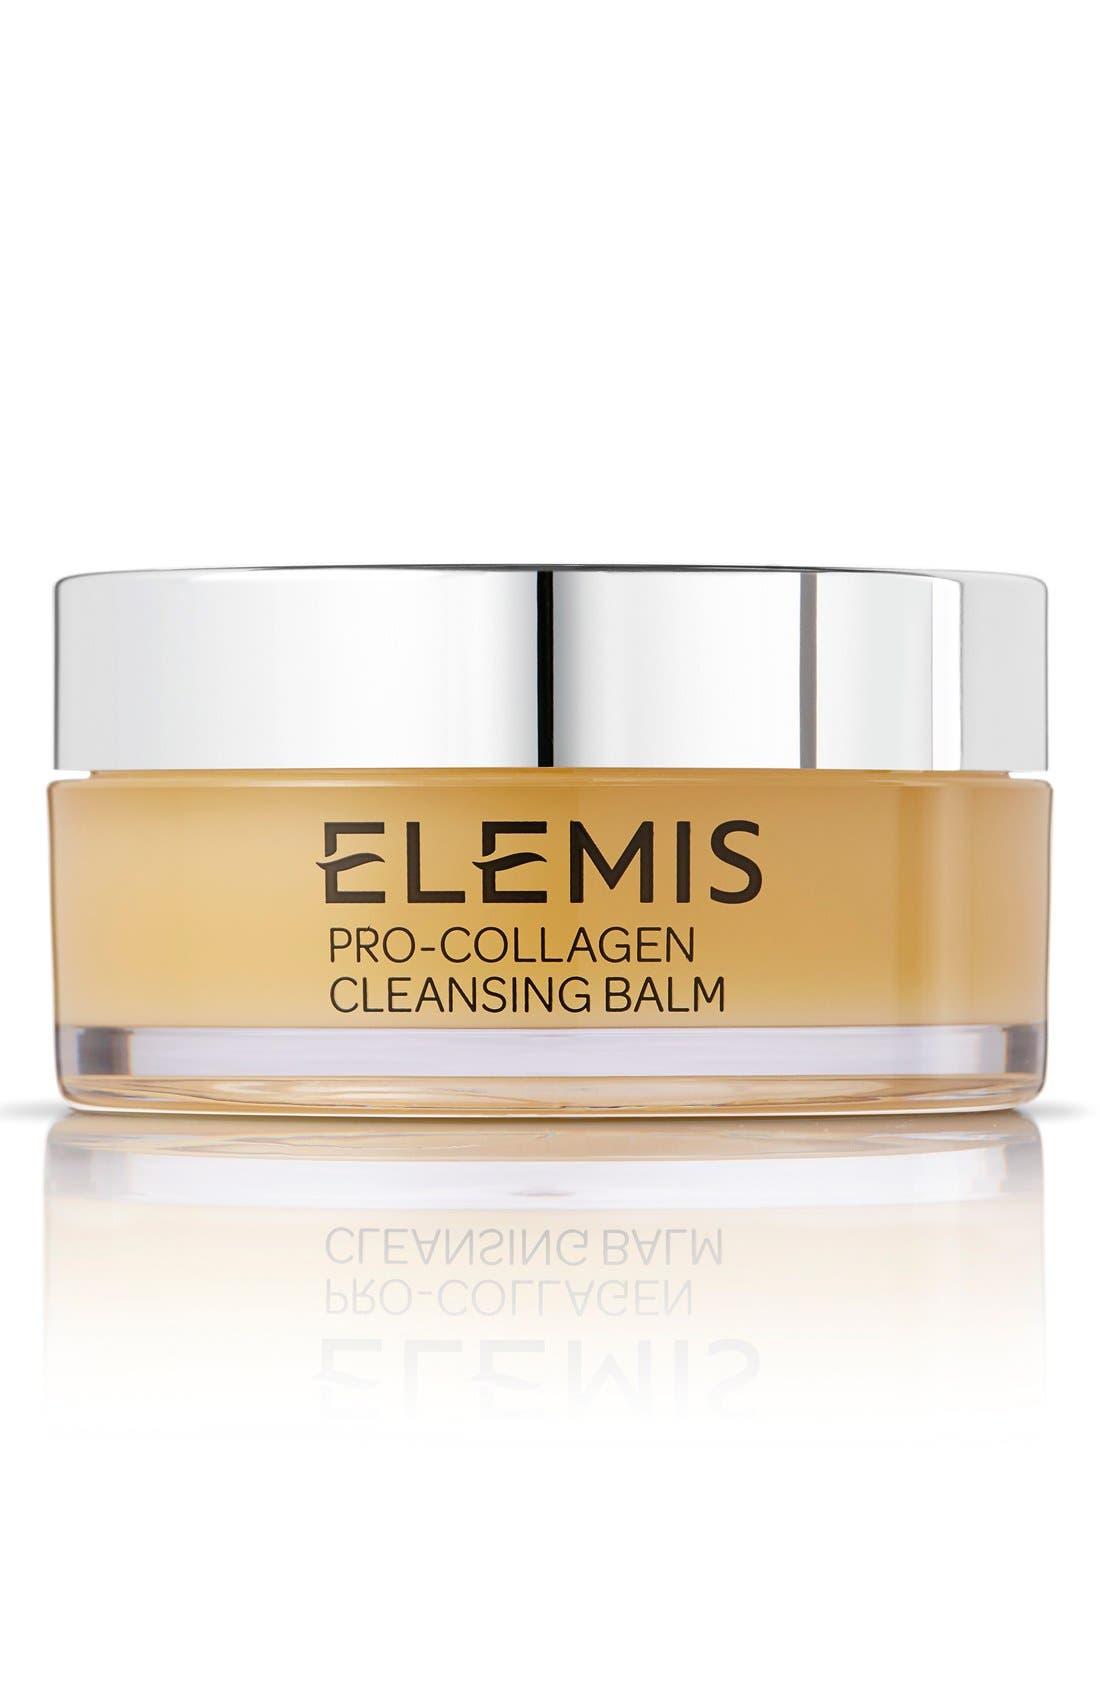 Pro-Collagen Cleansing Balm,                             Main thumbnail 1, color,                             NO COLOR